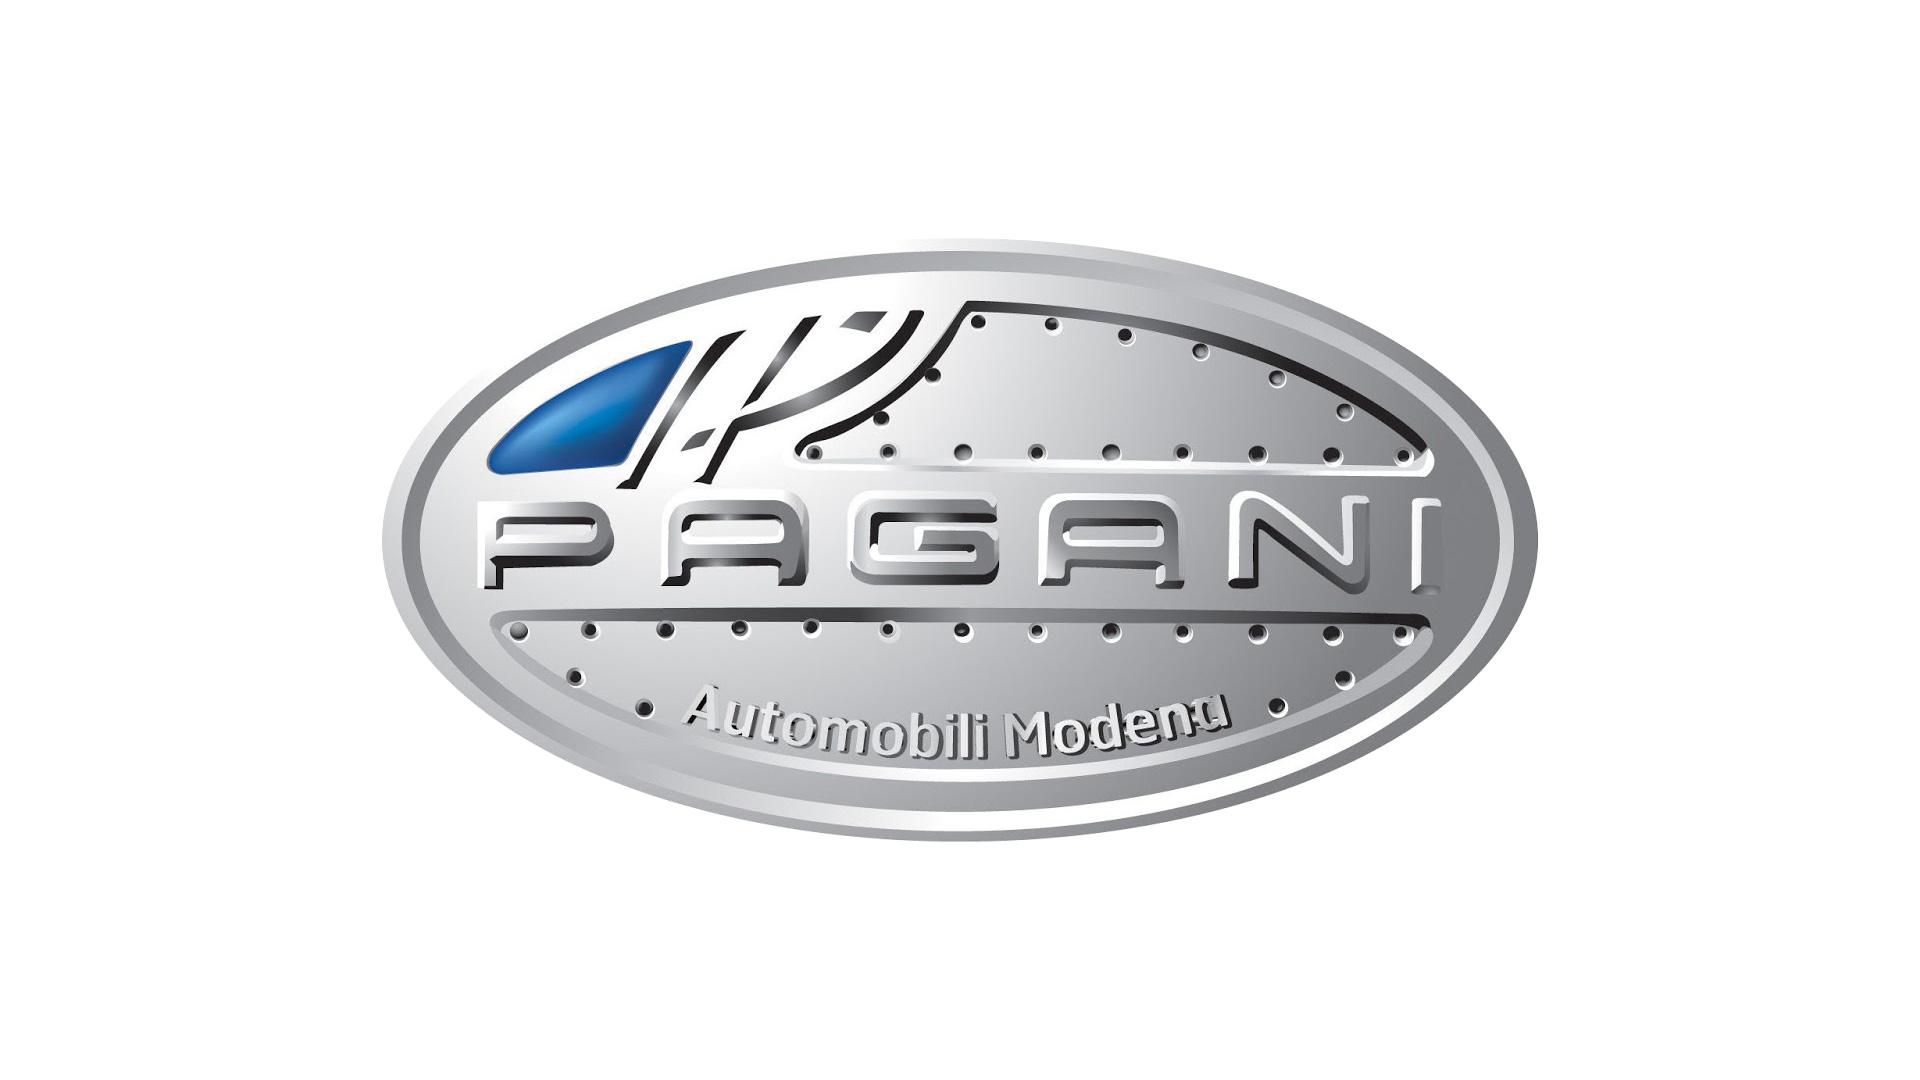 Pagani Emblem 1920x1080 Hd Png Car Logos Pagani Car Pagani